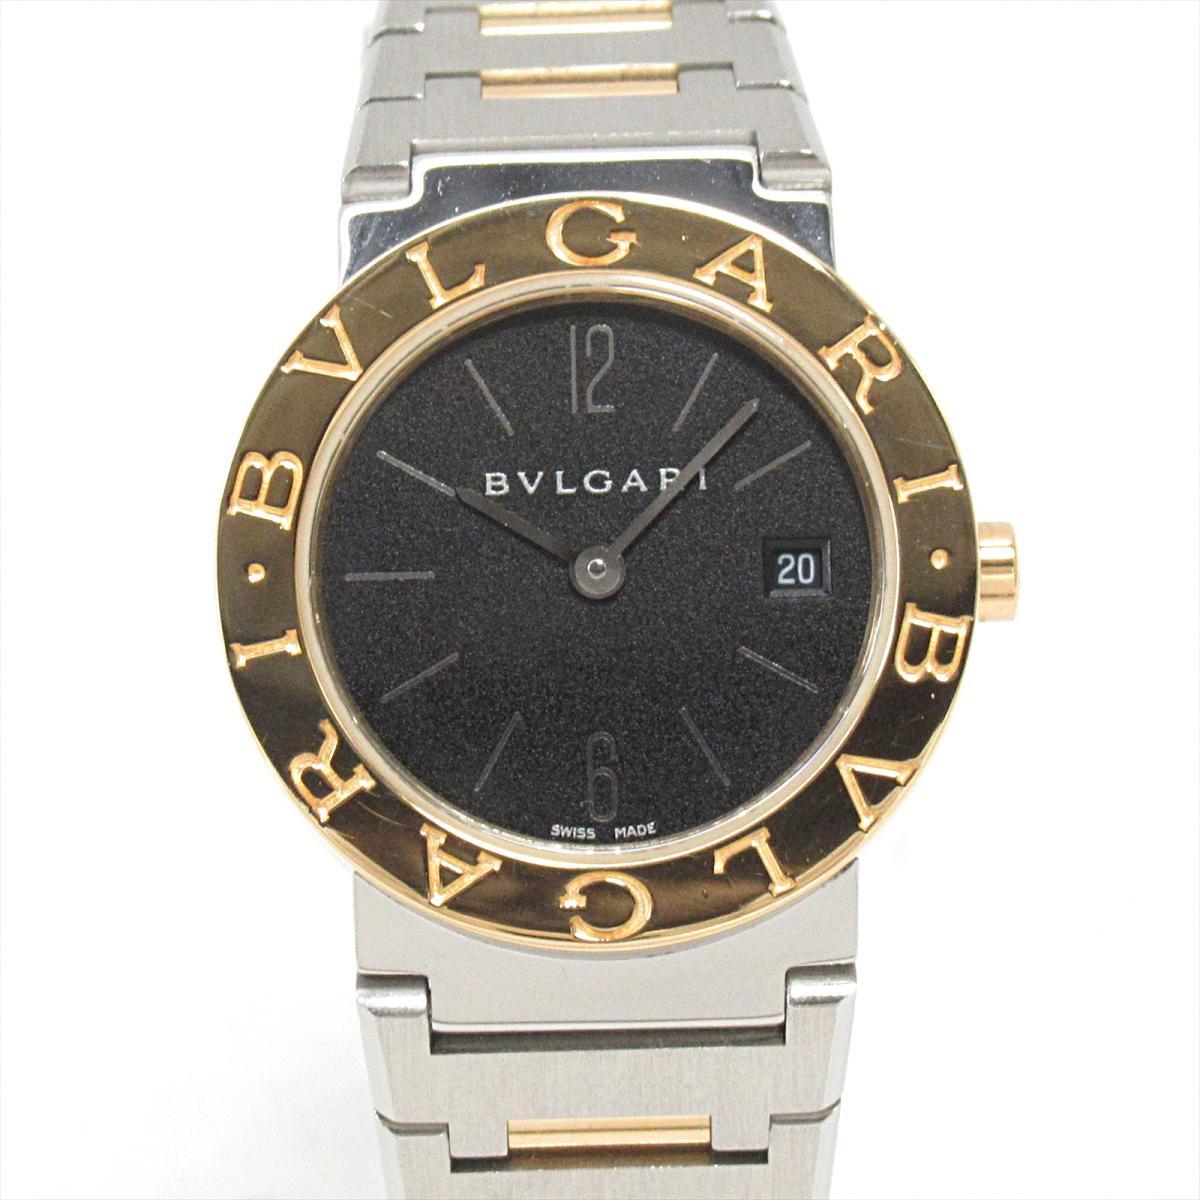 【中古】 ブルガリ ブルガリブルガリ 腕時計 ウォッチ レディース ステンレススチール (SS) x K18YG (イエローゴールド) (BB26SG)   BVLGARI クオーツ クォーツ 時計 ブルガリ ブルガリ K18 18金 ブランドオフ